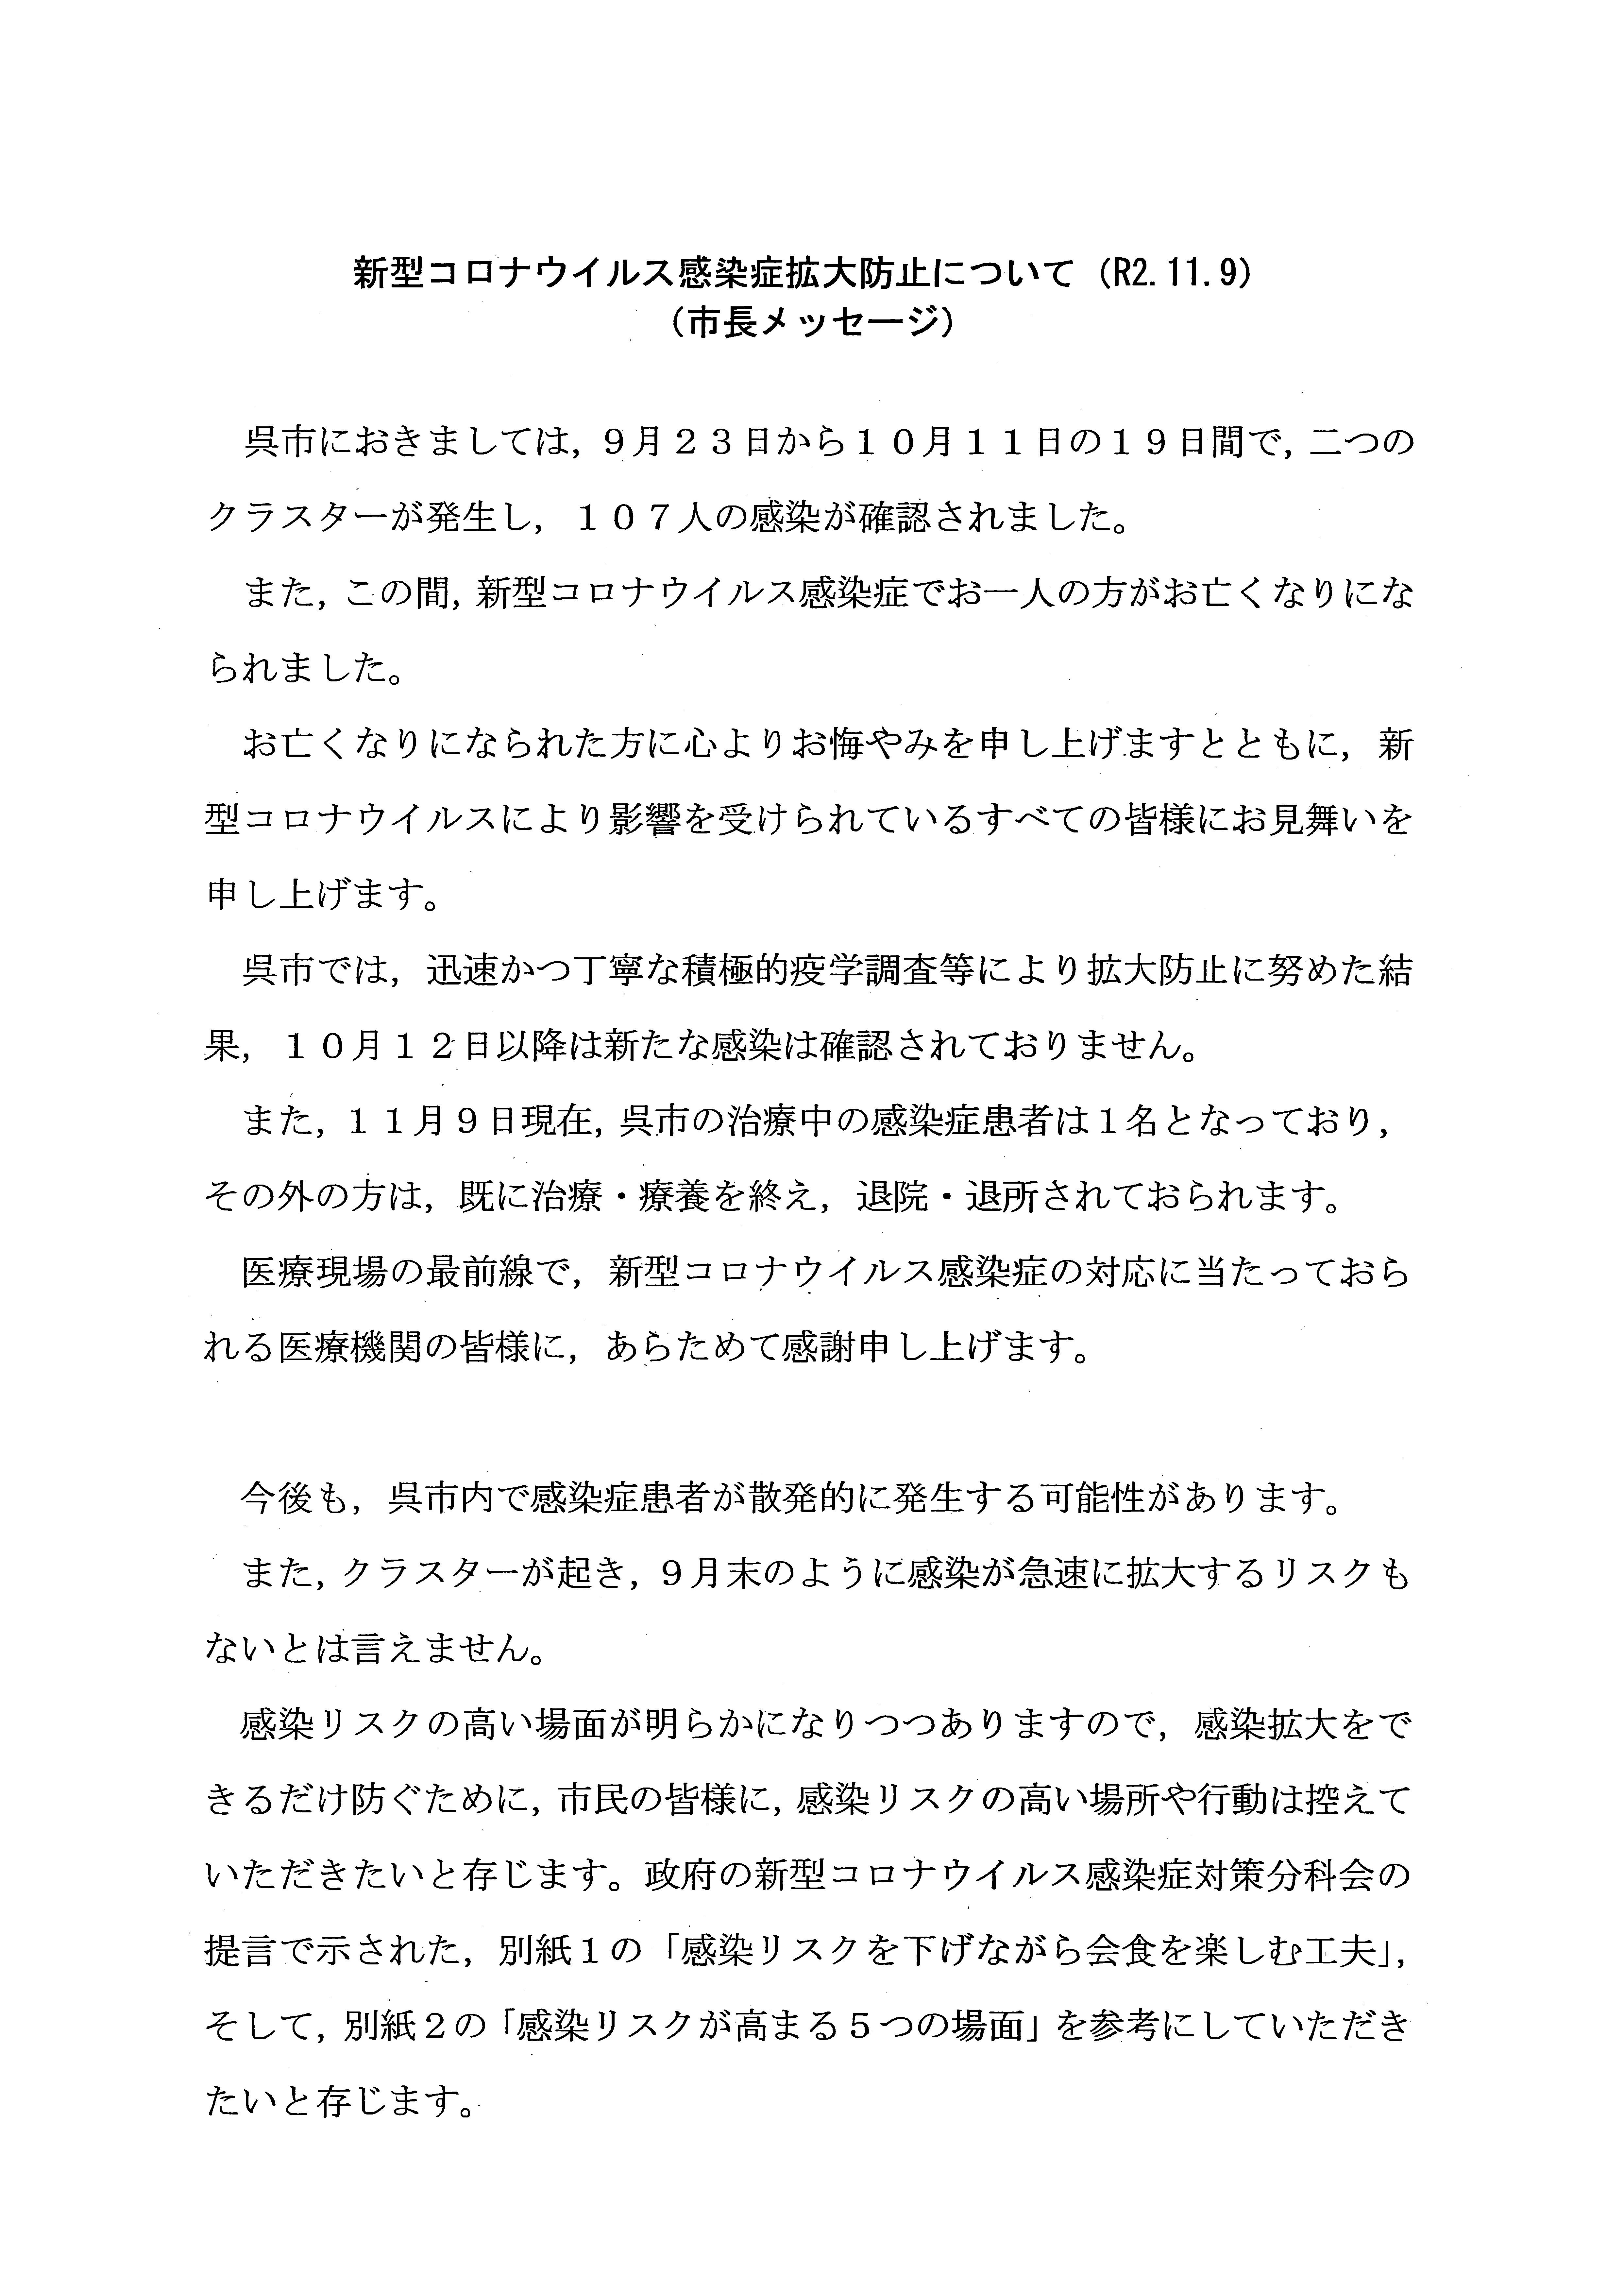 コロナ 呉 【新型コロナウイルス関連】呉市における感染者情報